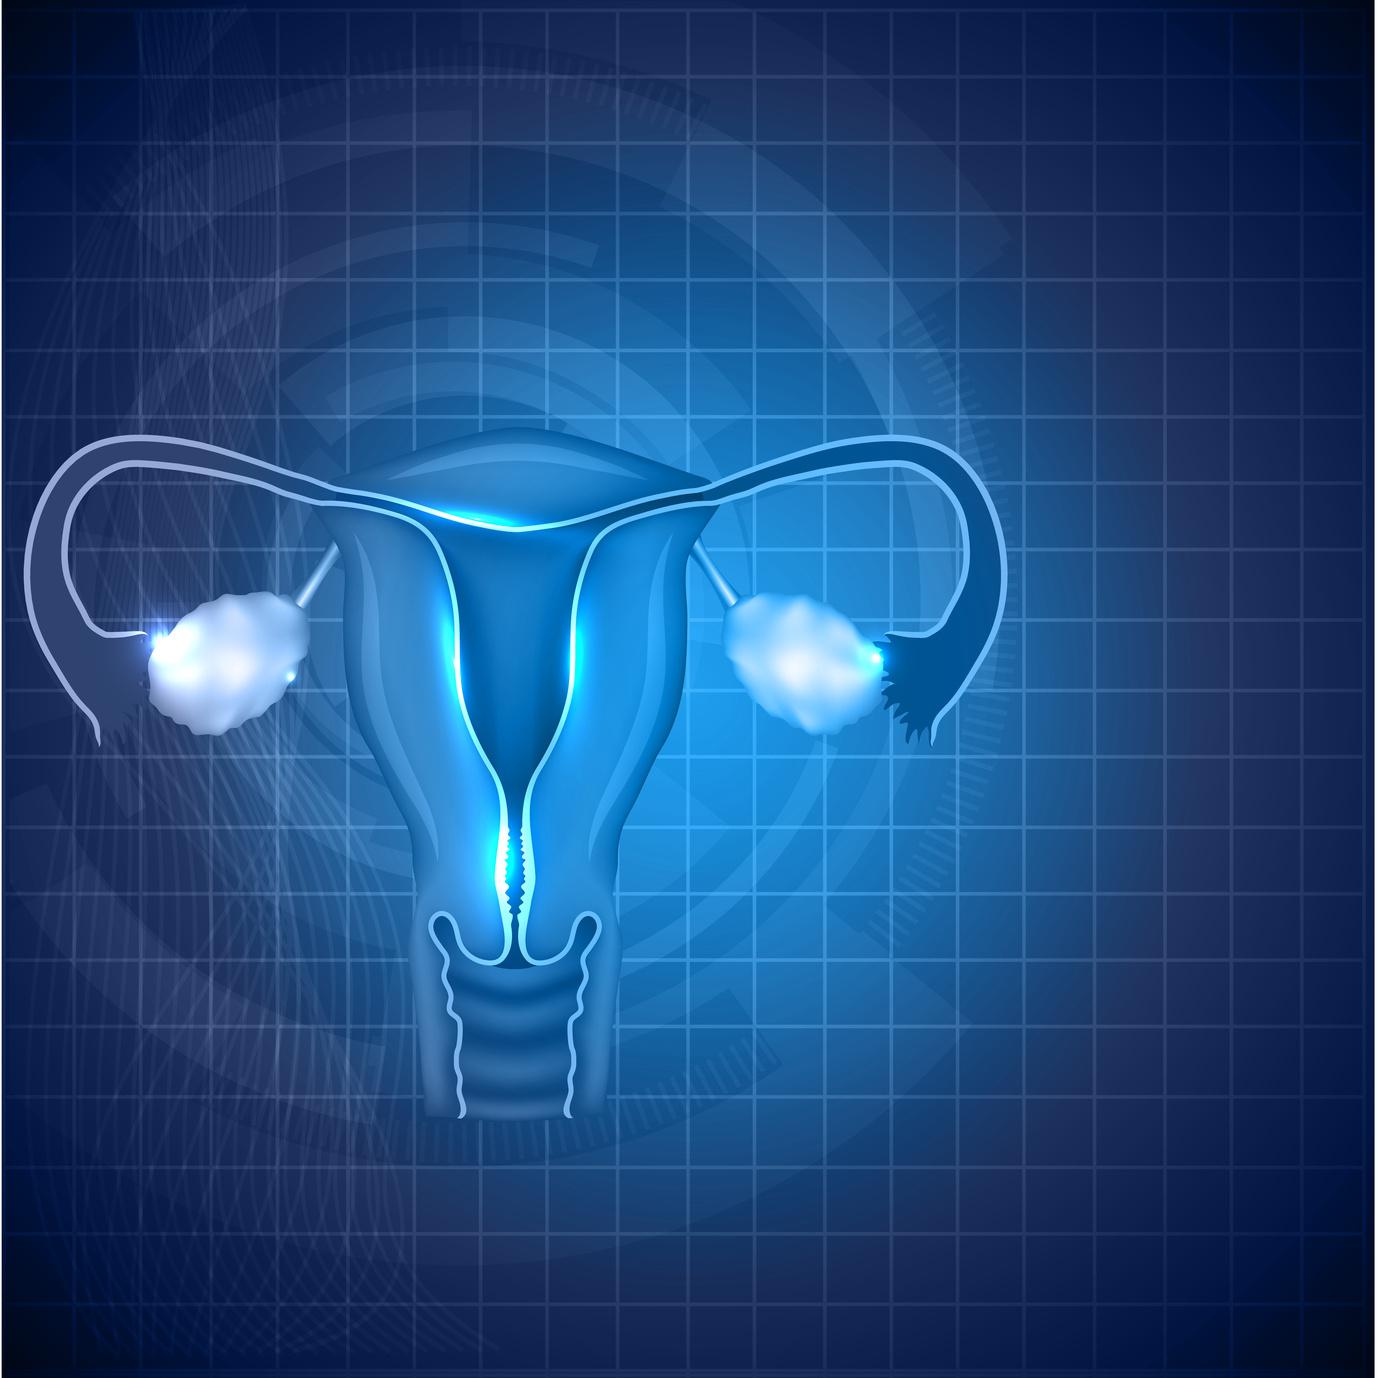 El uso del embryoscope, ¿podría ayudar en el resultado de la Ovo?